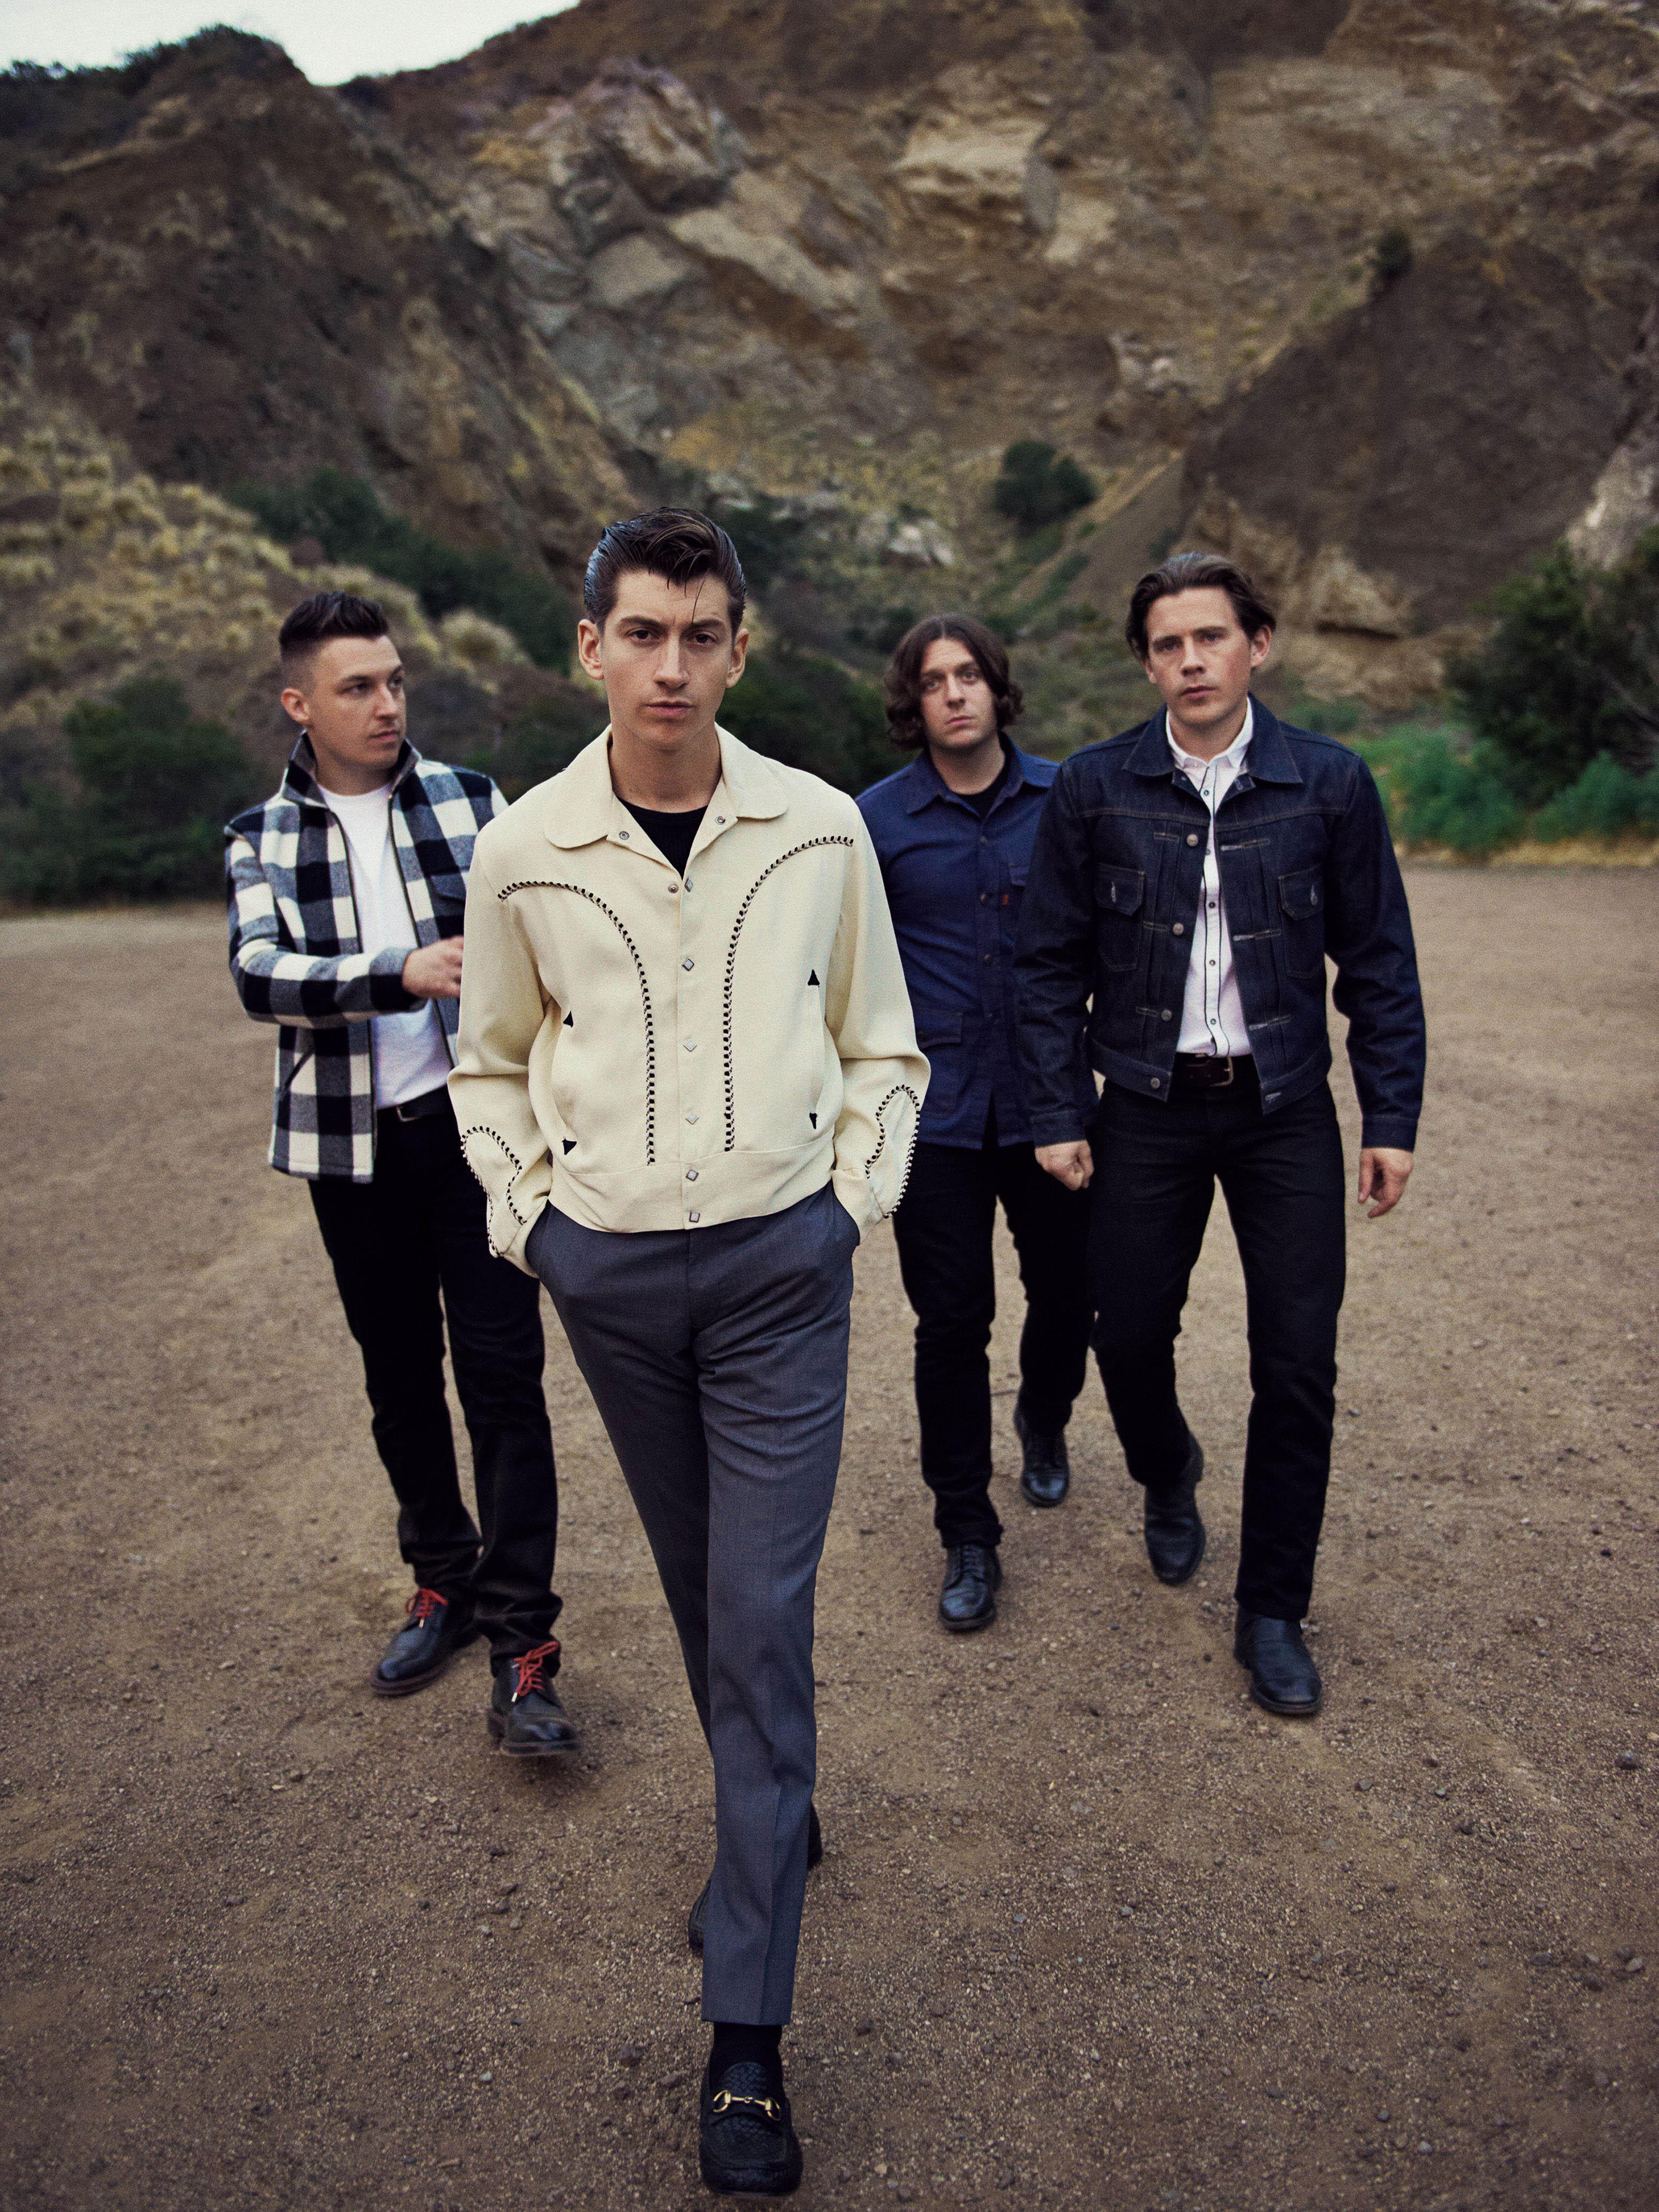 Arctic Monkeys For mobile